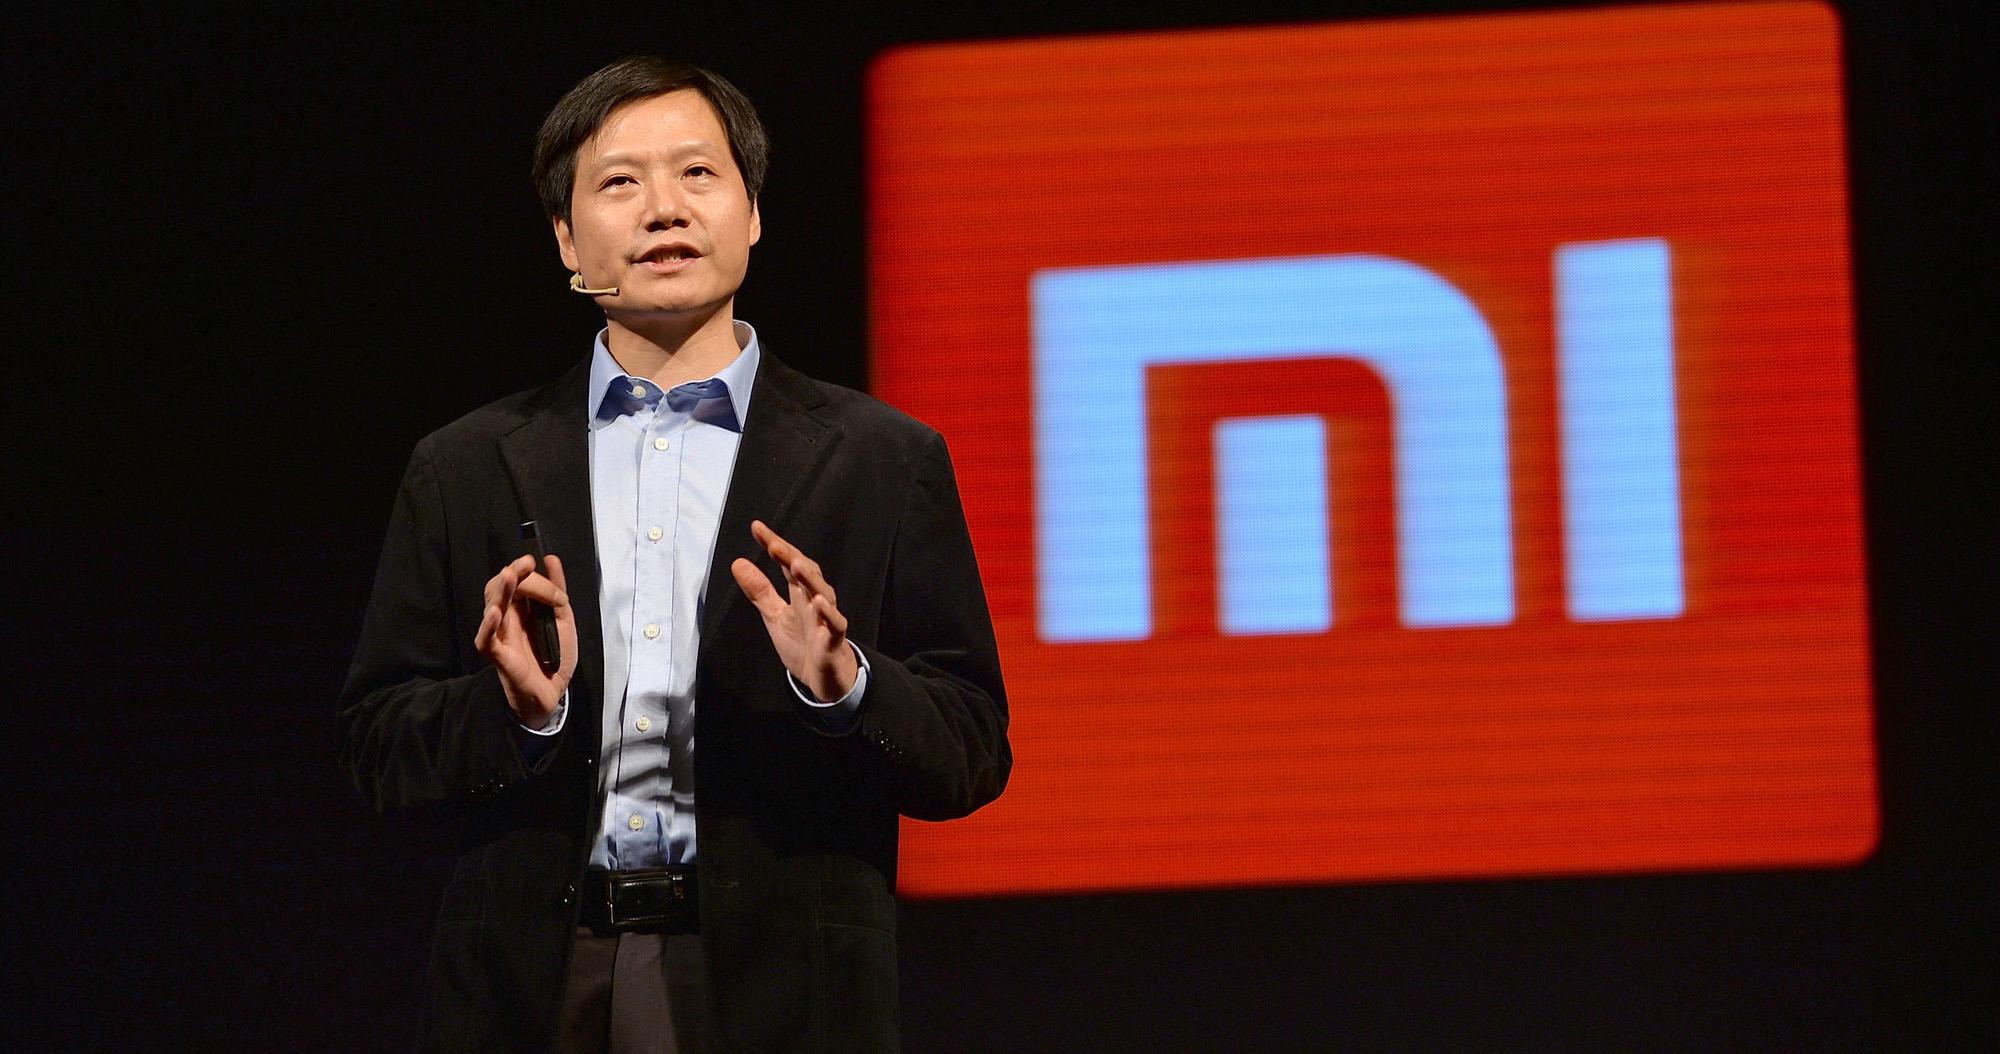 La calidad es el gran secreto para el éxito de Xiaomi, según afirma su CEO, Lei Jun